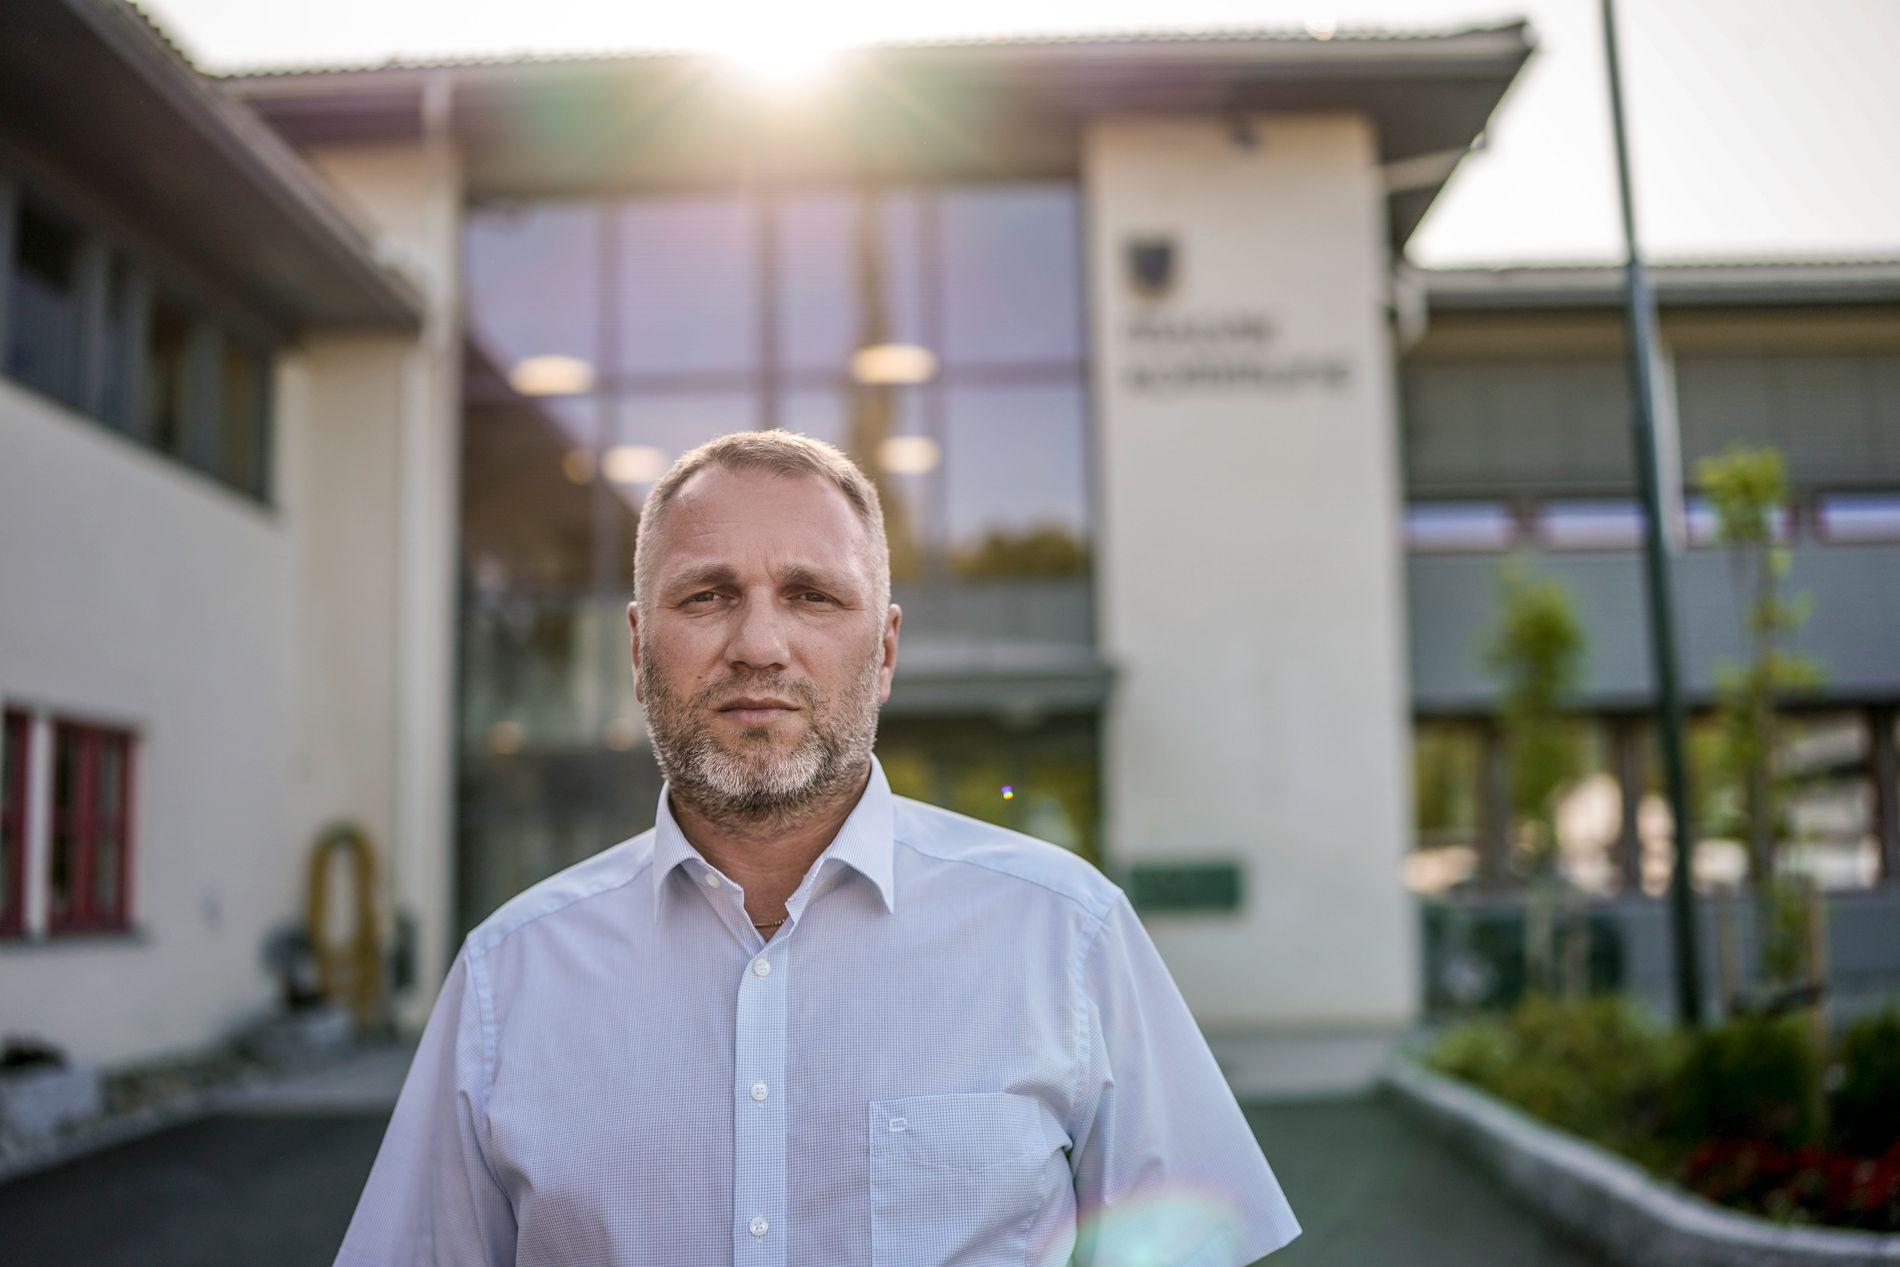 MINNES KOLLEGAEN: Ole Herman Sveian (Sp) er nå fungerende ordfører etter at Ingrid Aune omkom i en båtulykke.